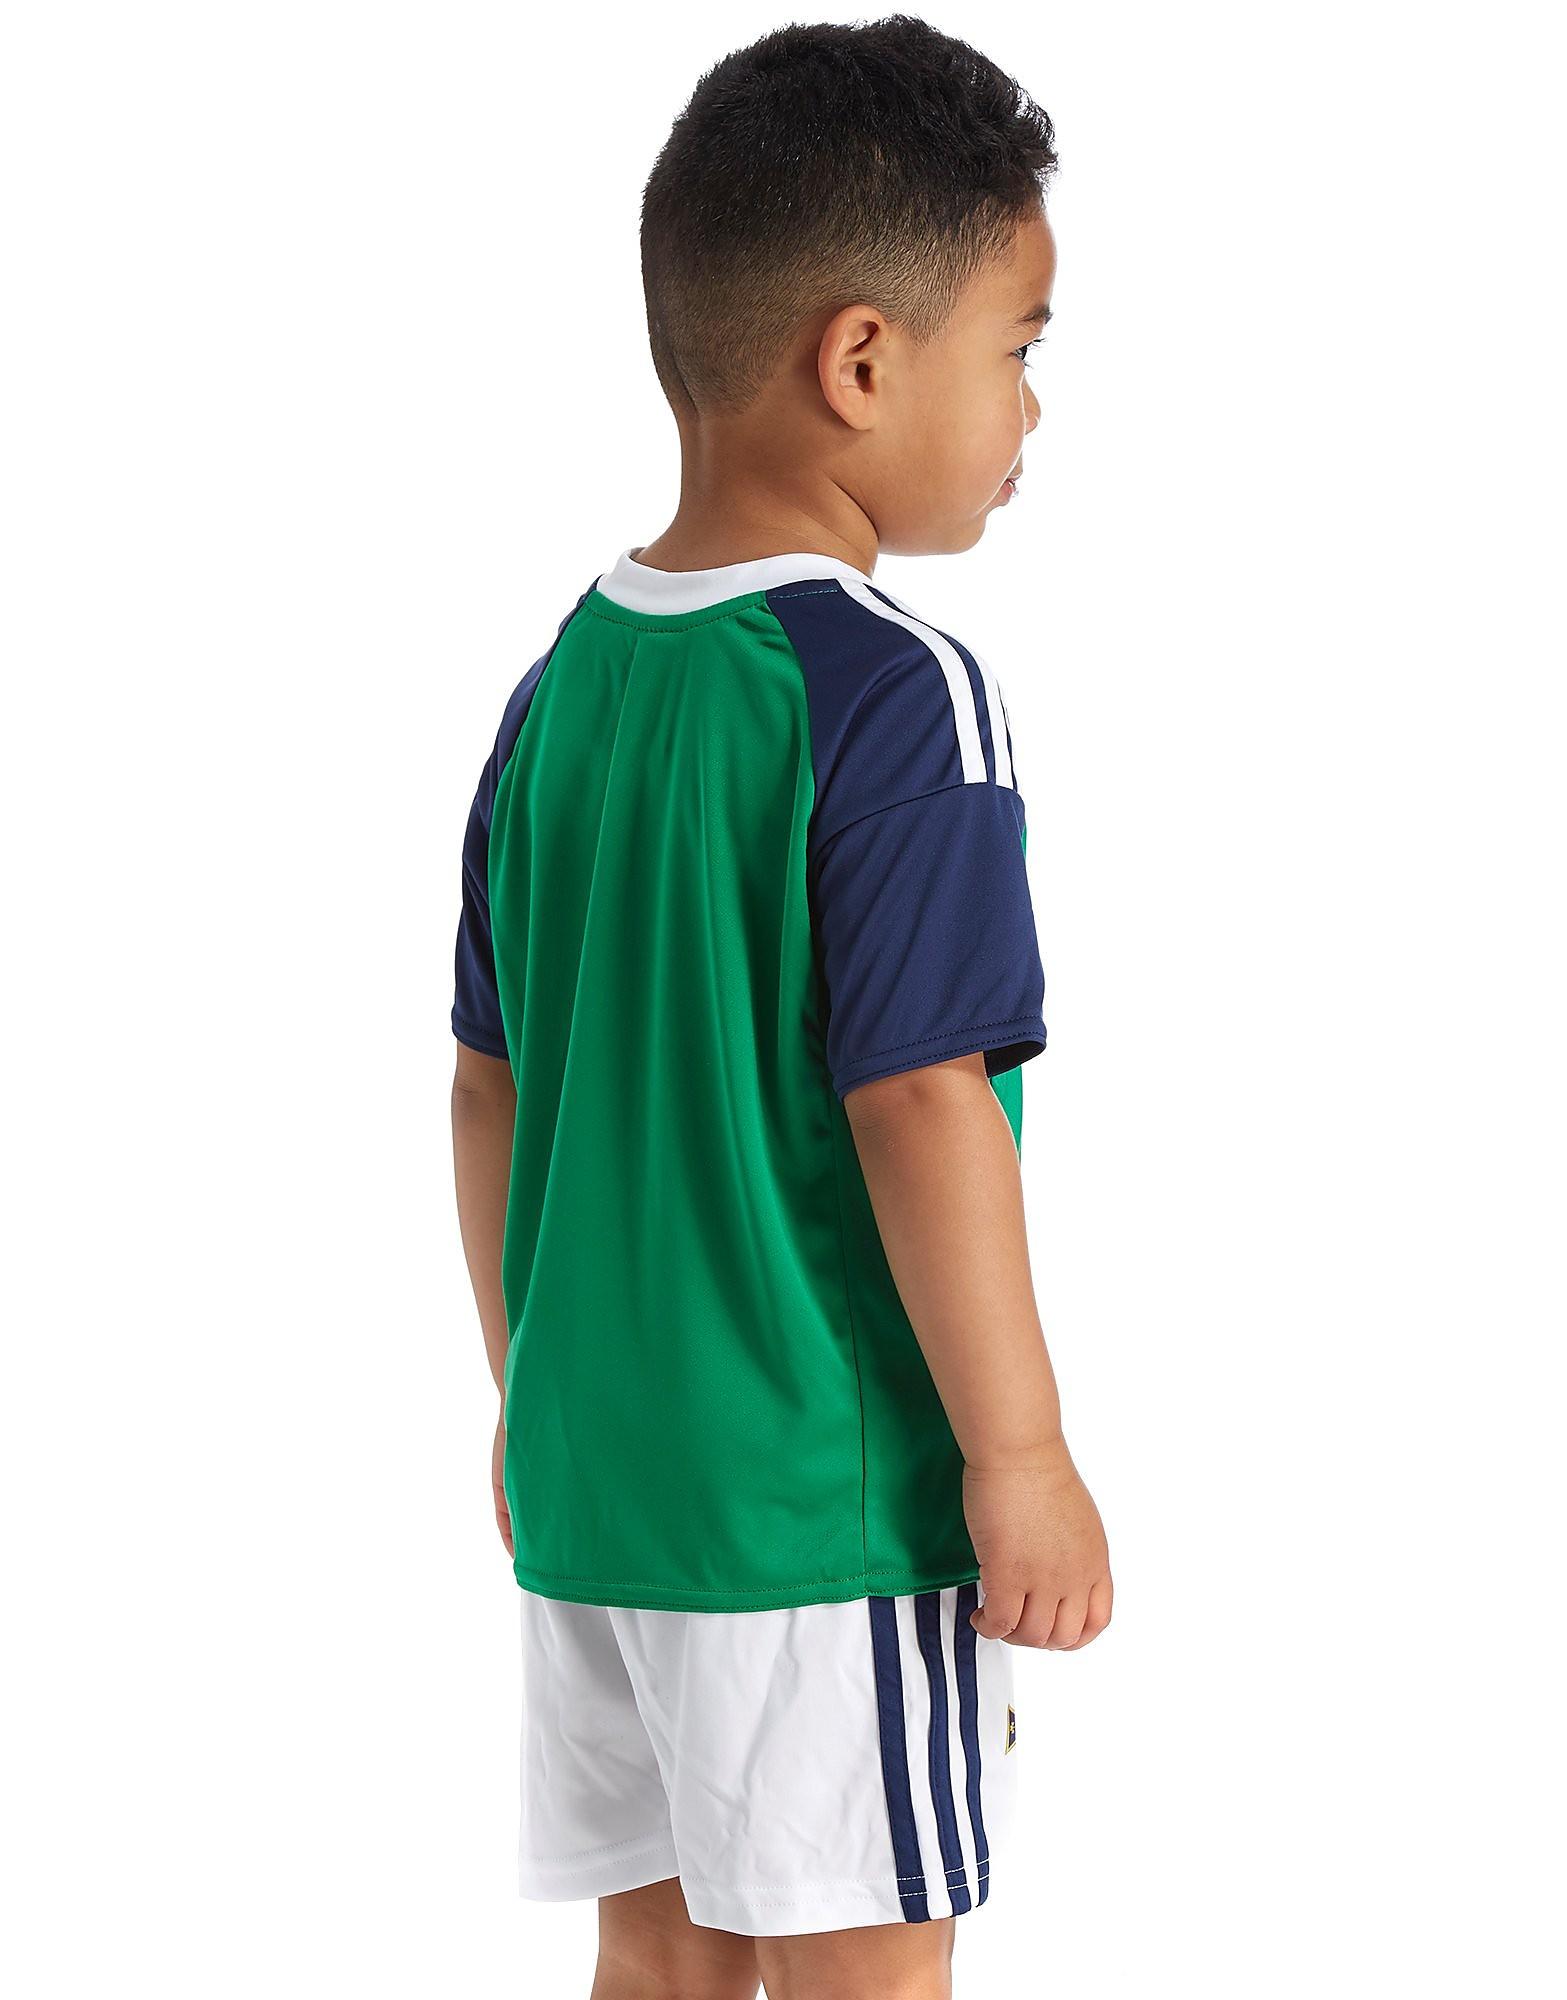 adidas Northern Ireland 2016 Home Kit Children